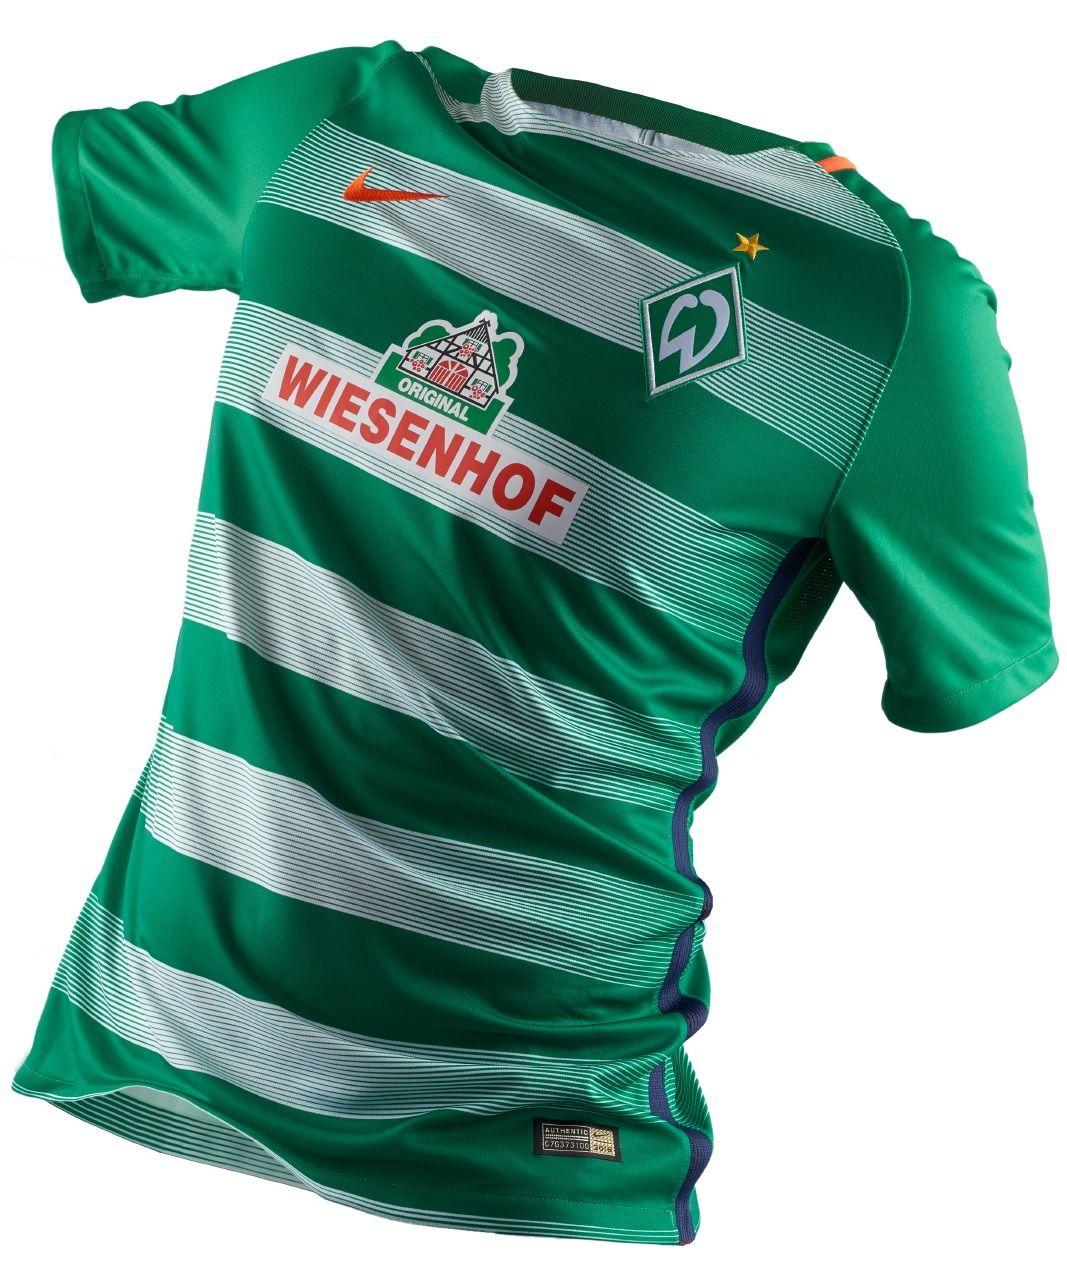 33761357e0d Camisas do Werder Bremen 2016-2017 Nike kit